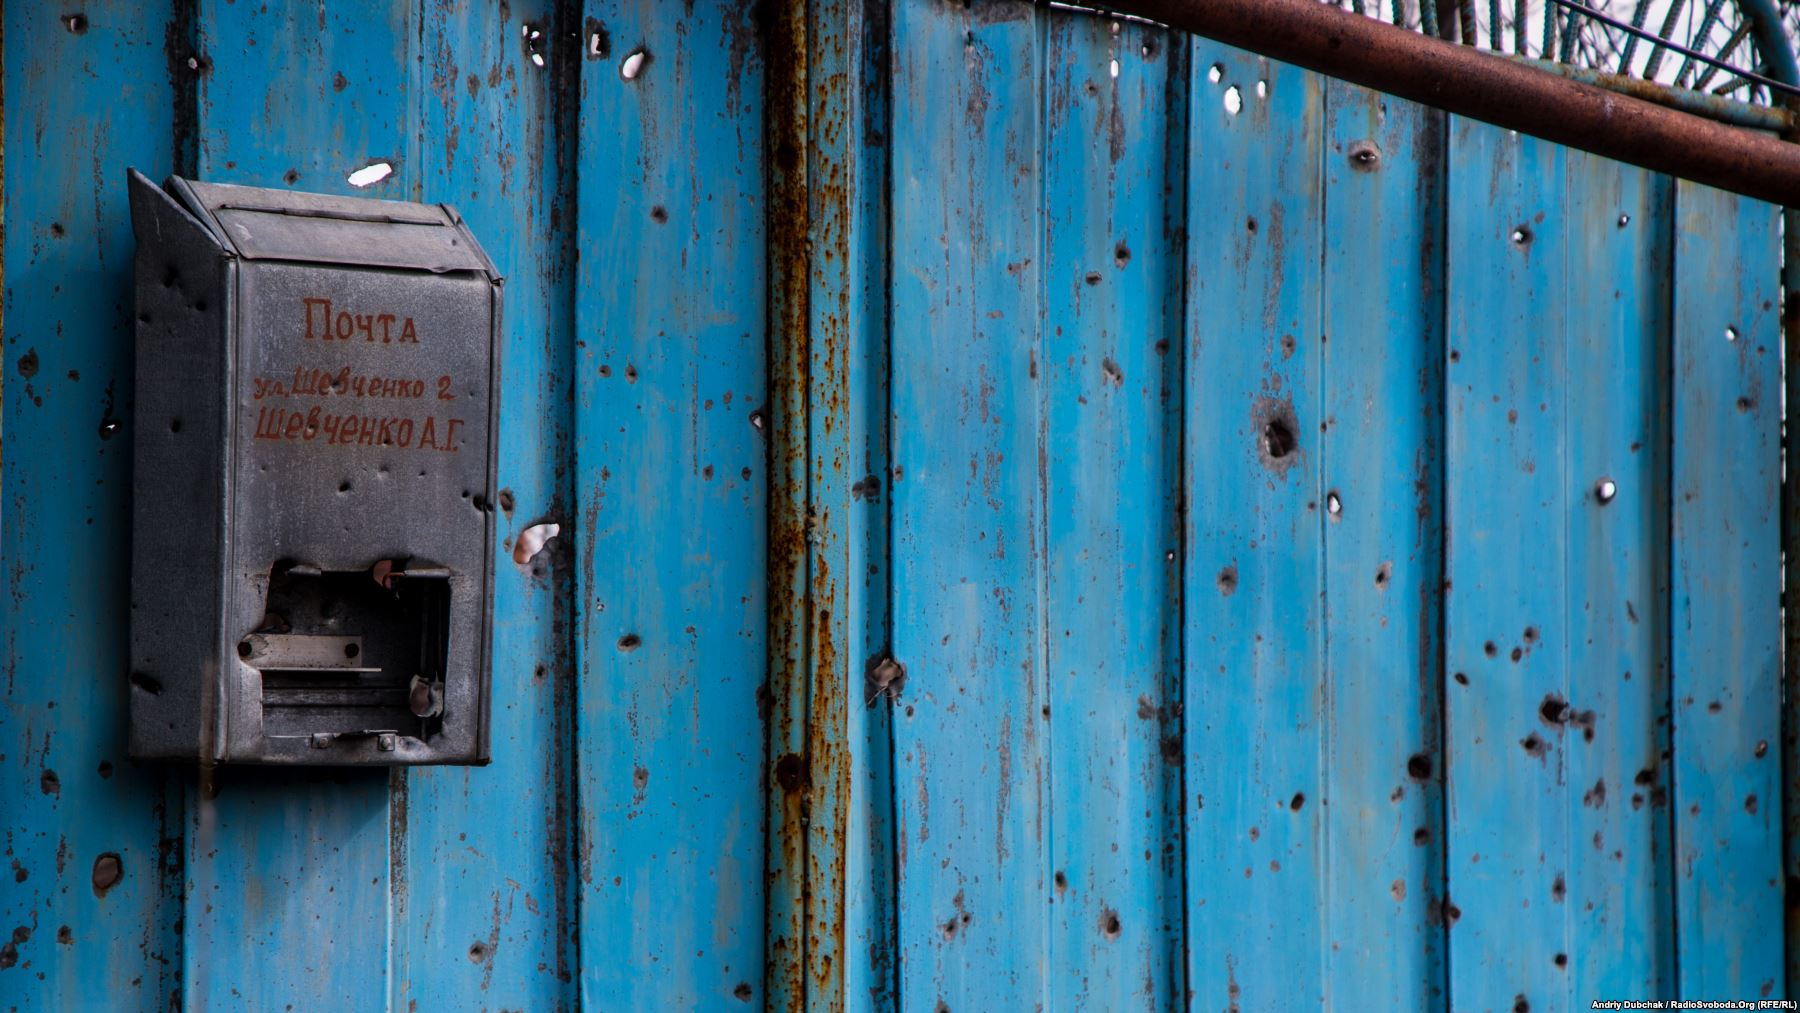 Вулиця Шевченка, 2, жив Шевченко А.Г. На фото – посічені осколками ворота до подвір'я в центрі села. Вказувати біля адреси ще й прізвище господаря – це була місцева традиція